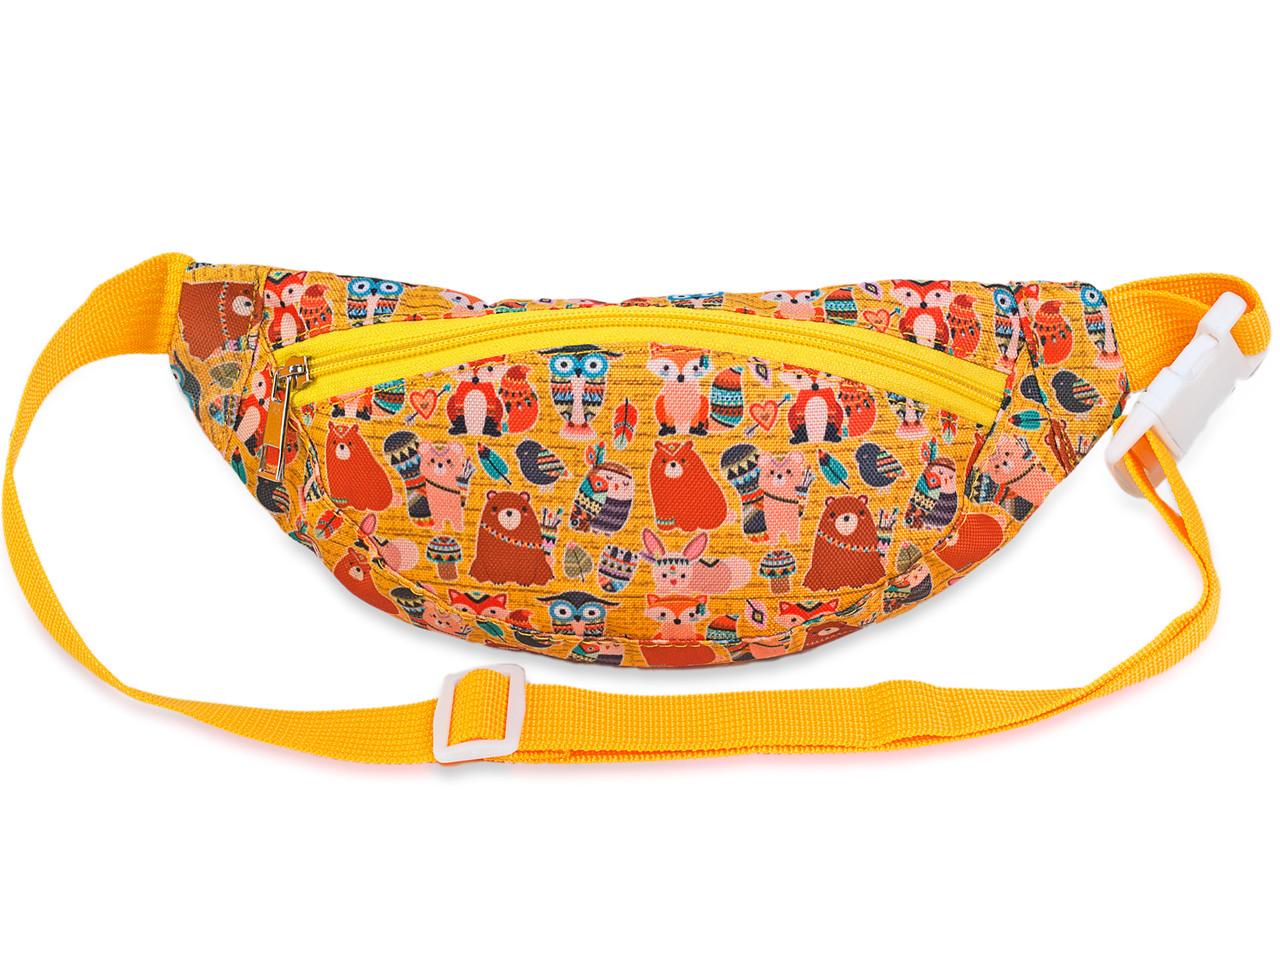 Сумка-бананка для детей ярко-оранжевого цвета с принтом